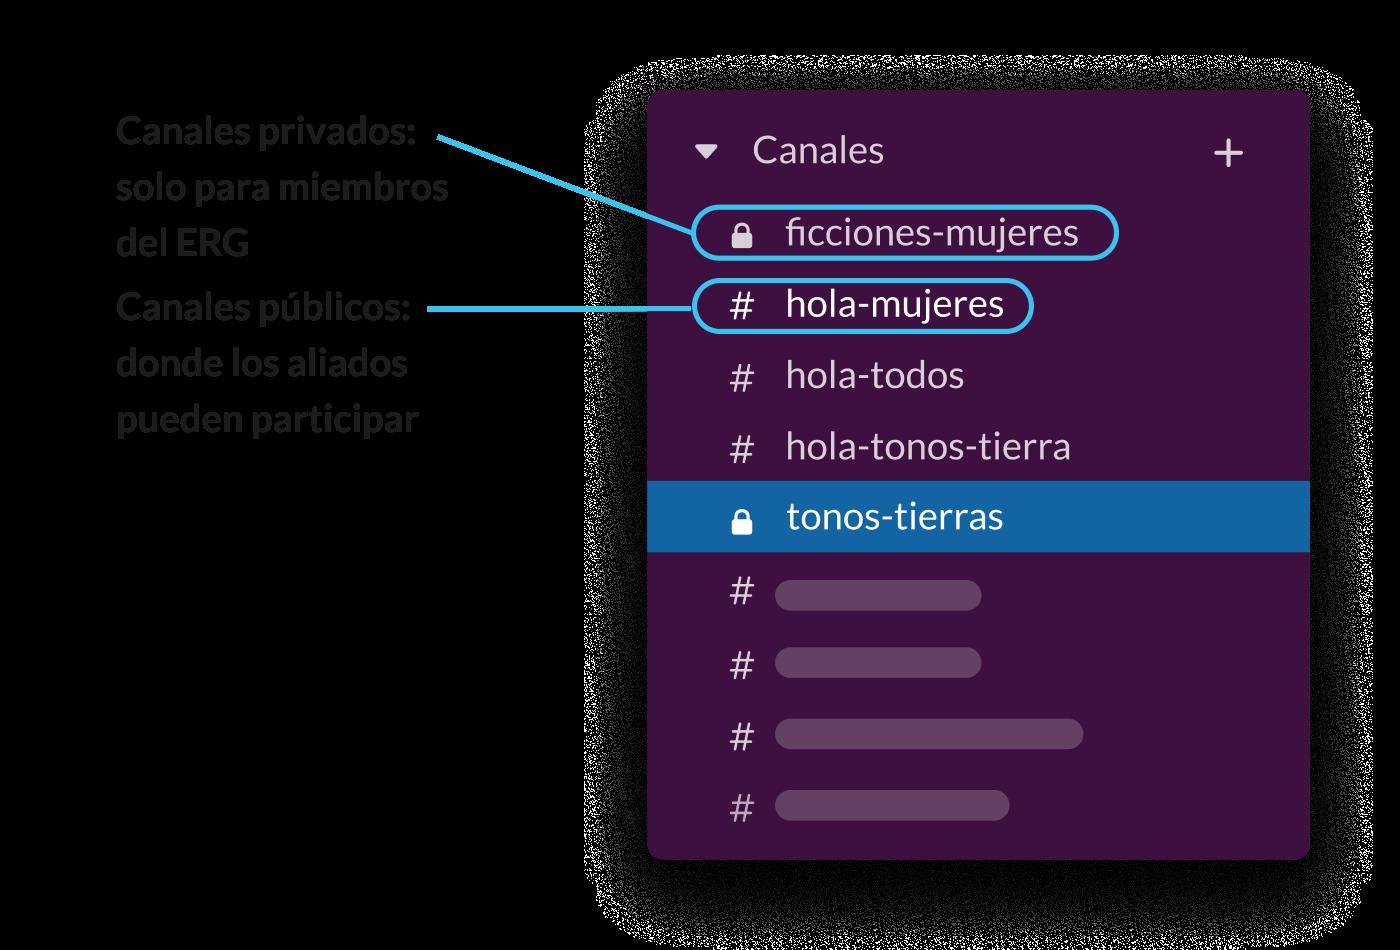 Una barra lateral de Slack que muestra los canales públicos y privados de Slack para los grupos de recursos de los empleados.